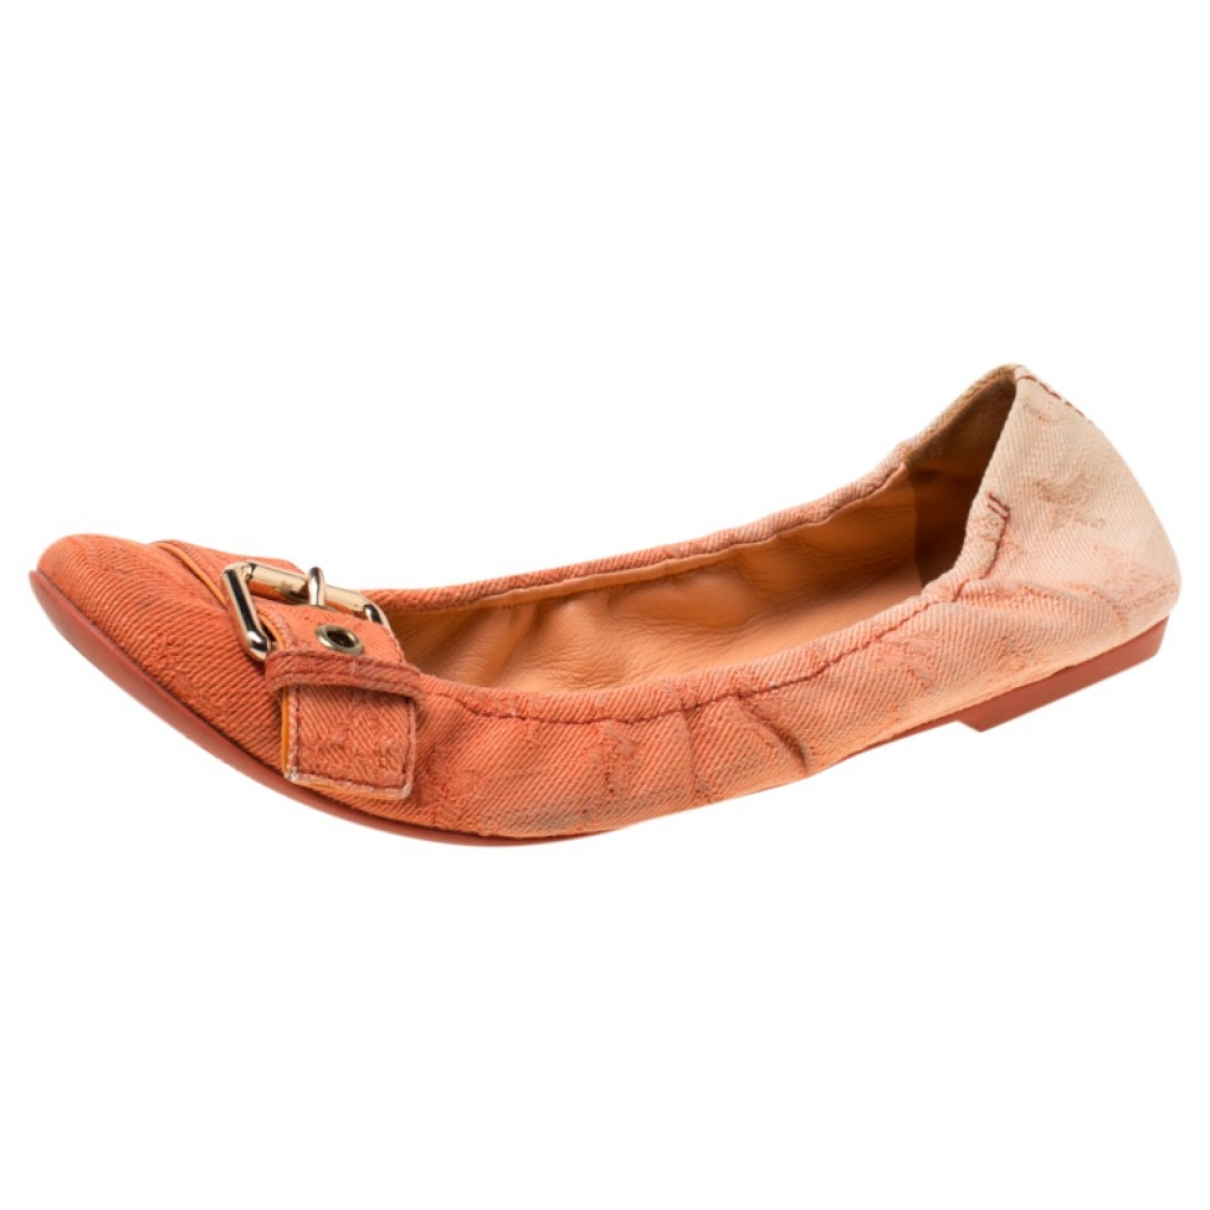 Louis Vuitton \N Orange Leather Ballet flats for Women 7 US